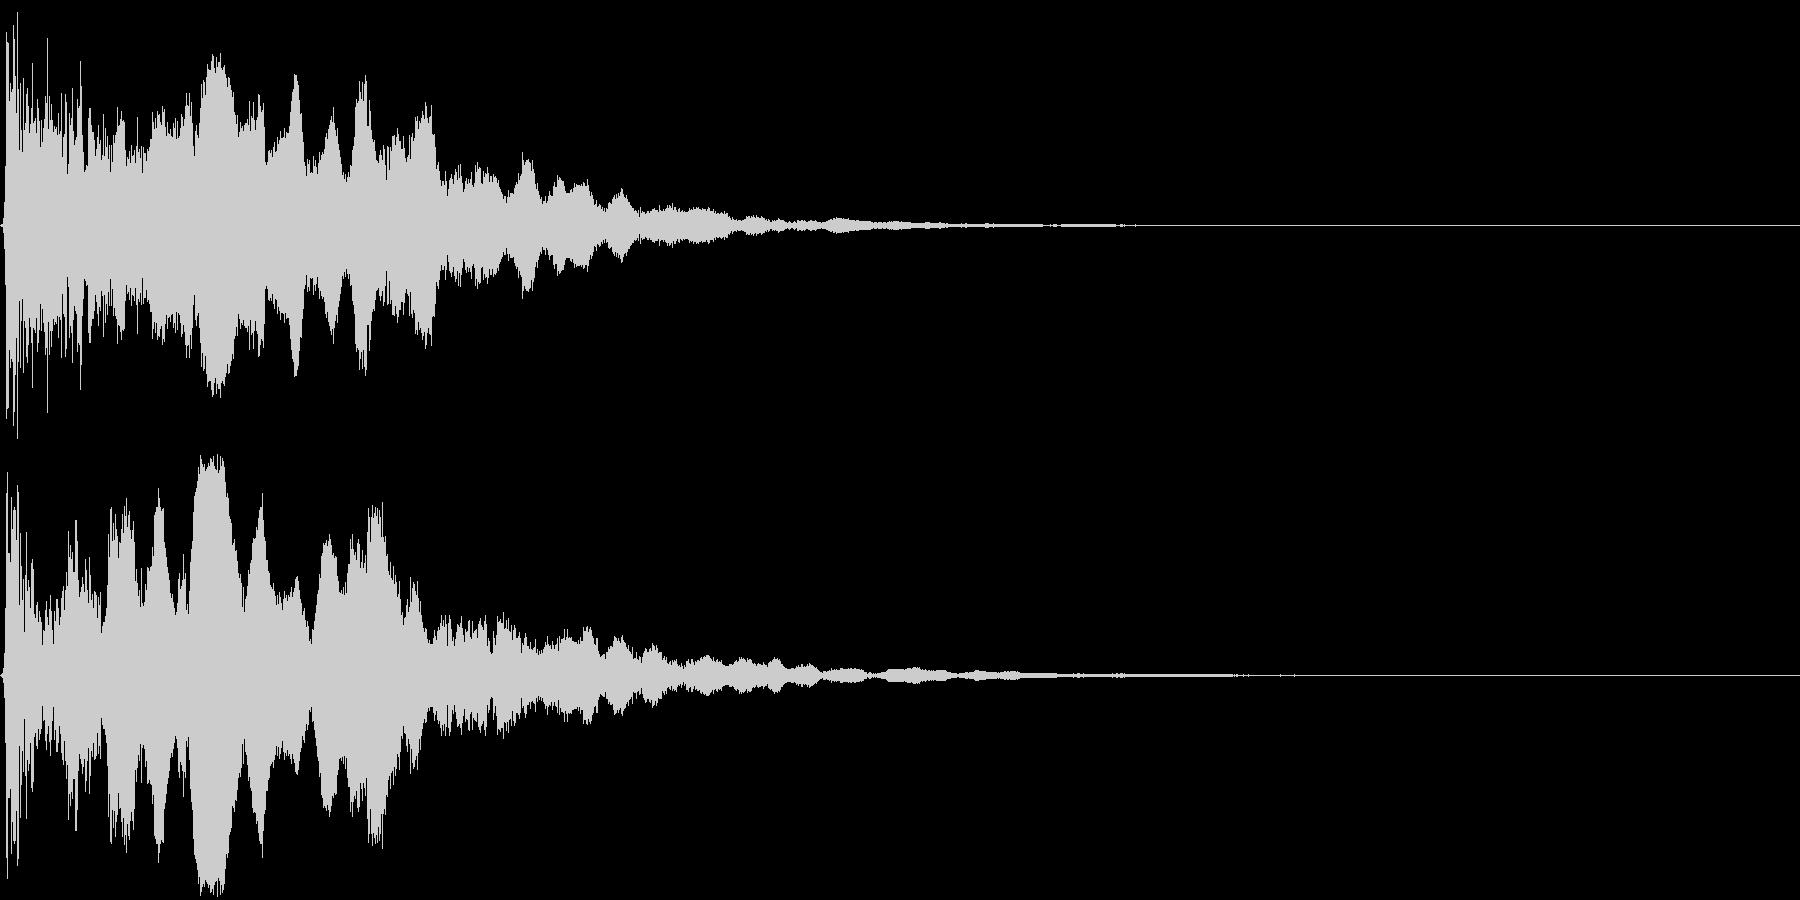 【和】笛の音が印象的な場面転換の未再生の波形